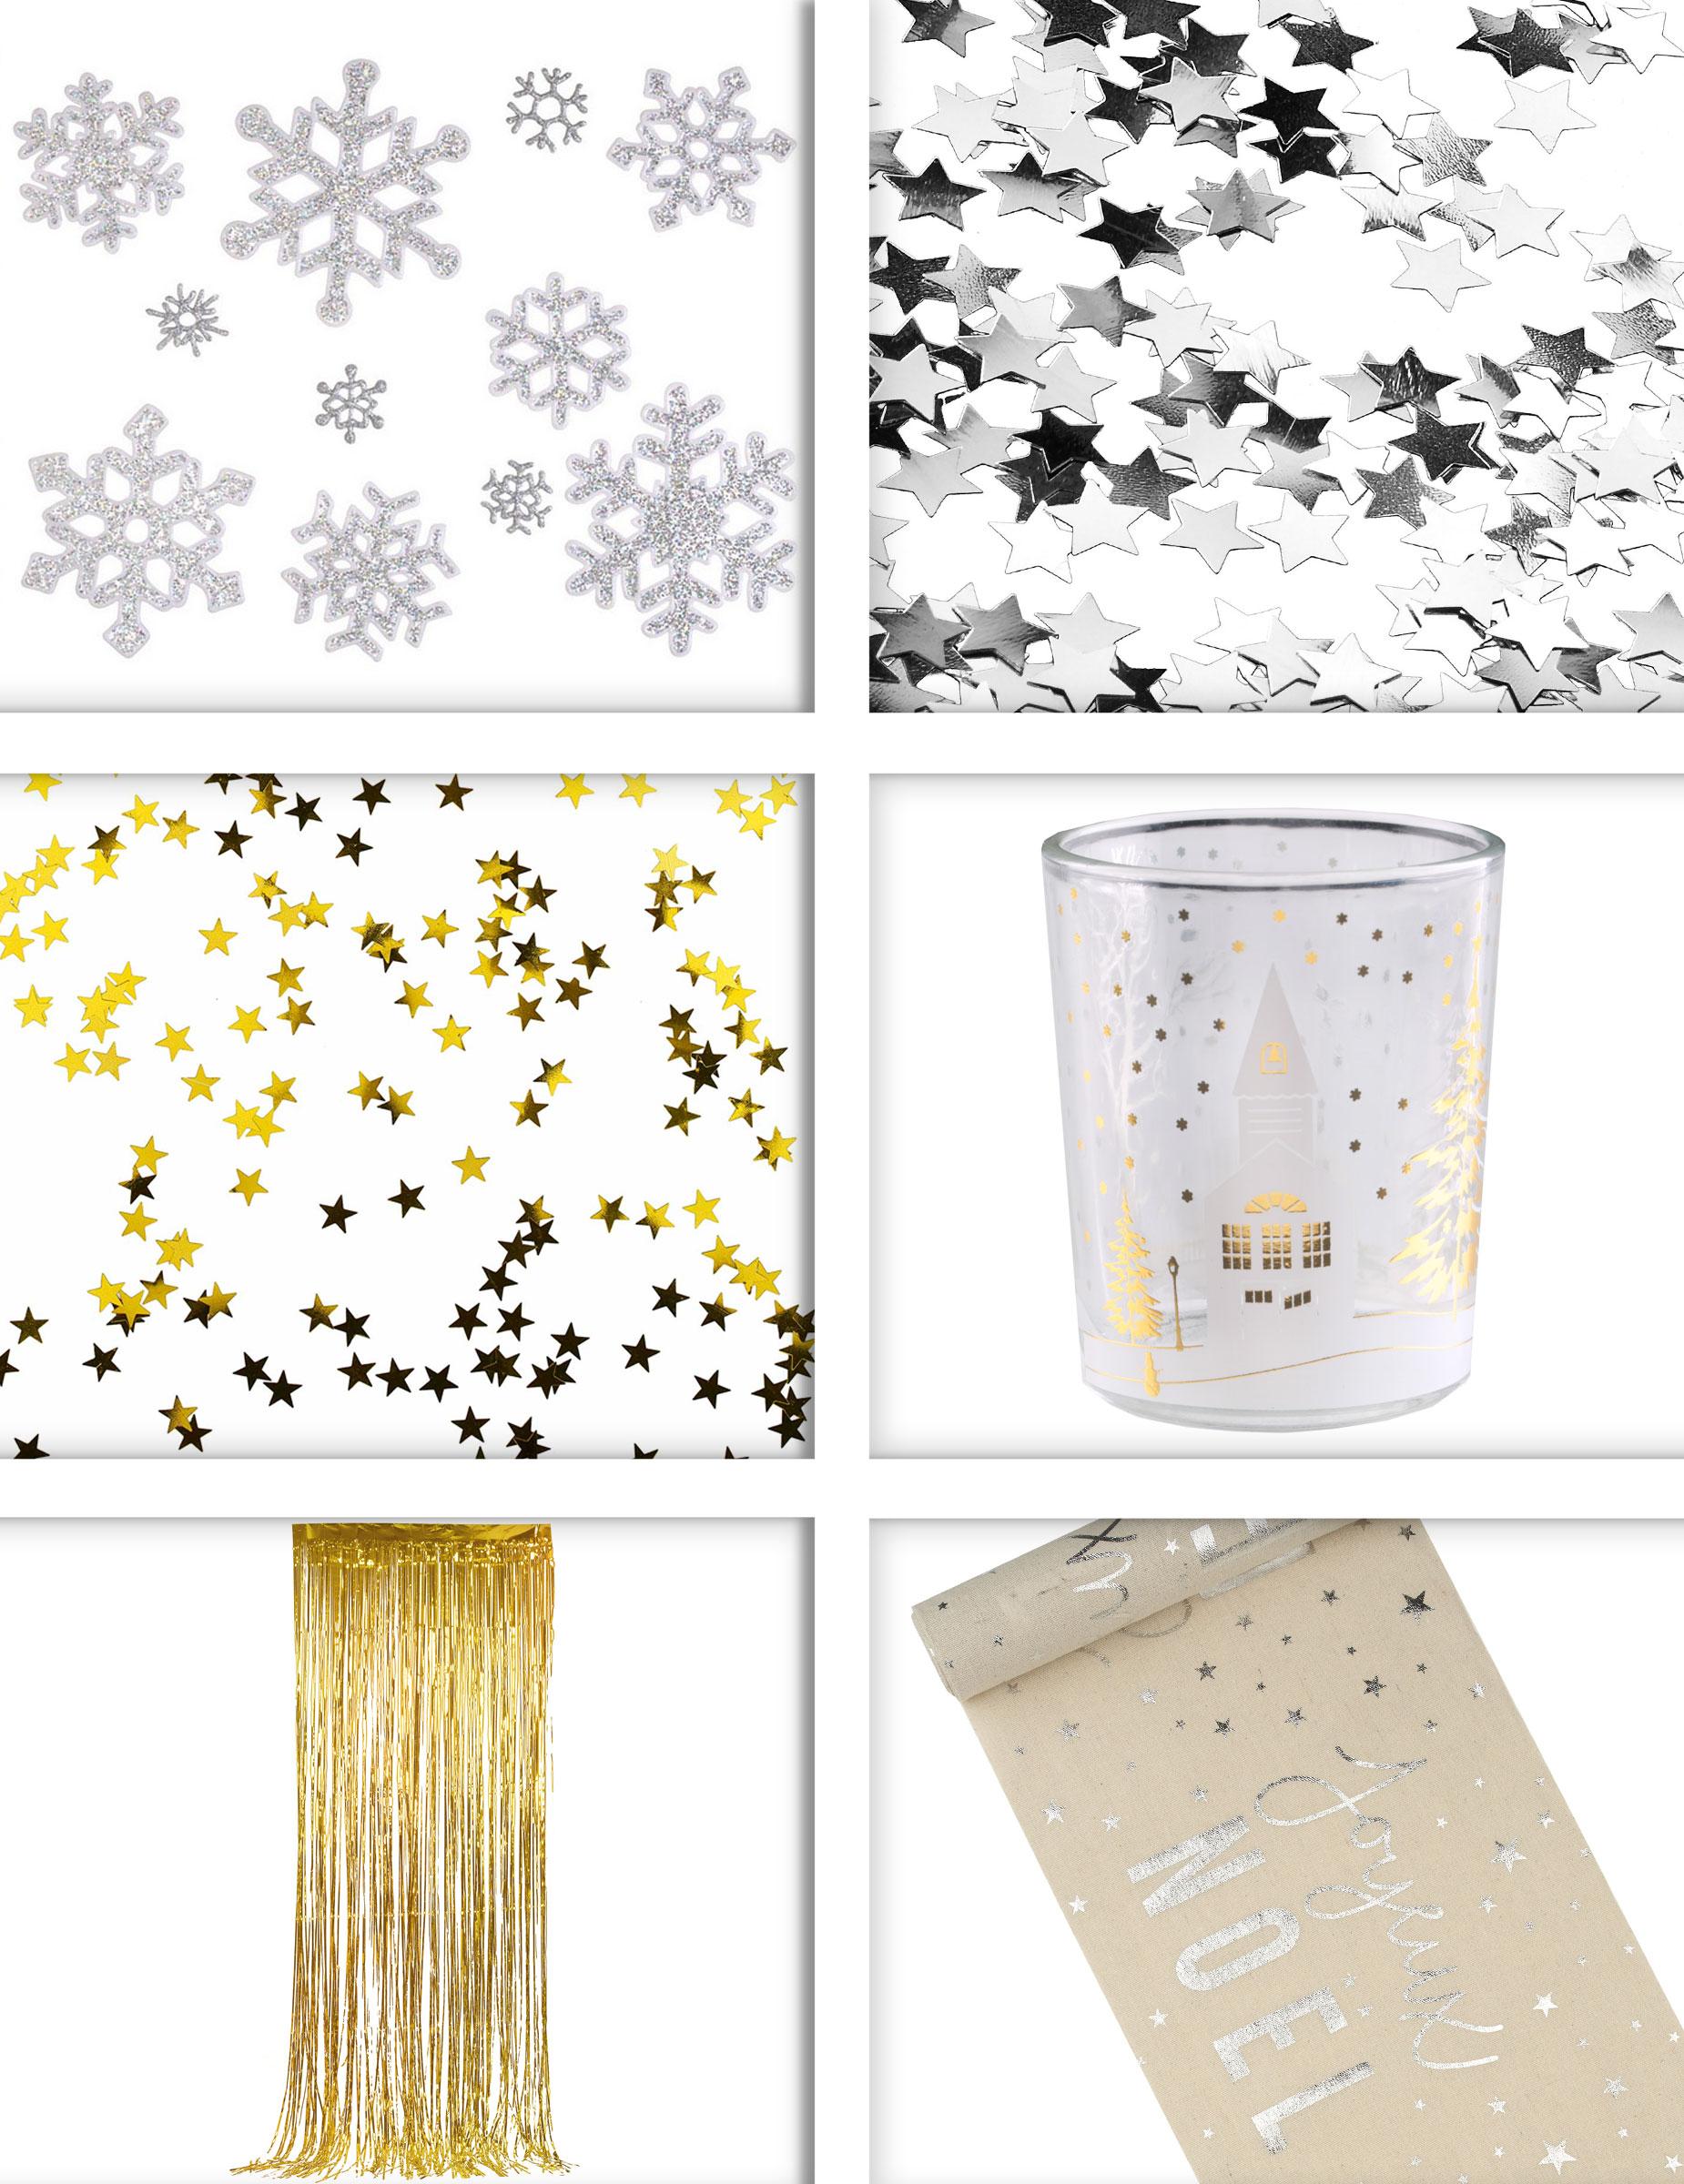 Sterren decoratie pack decoratie en goedkope for Goedkope decoratie